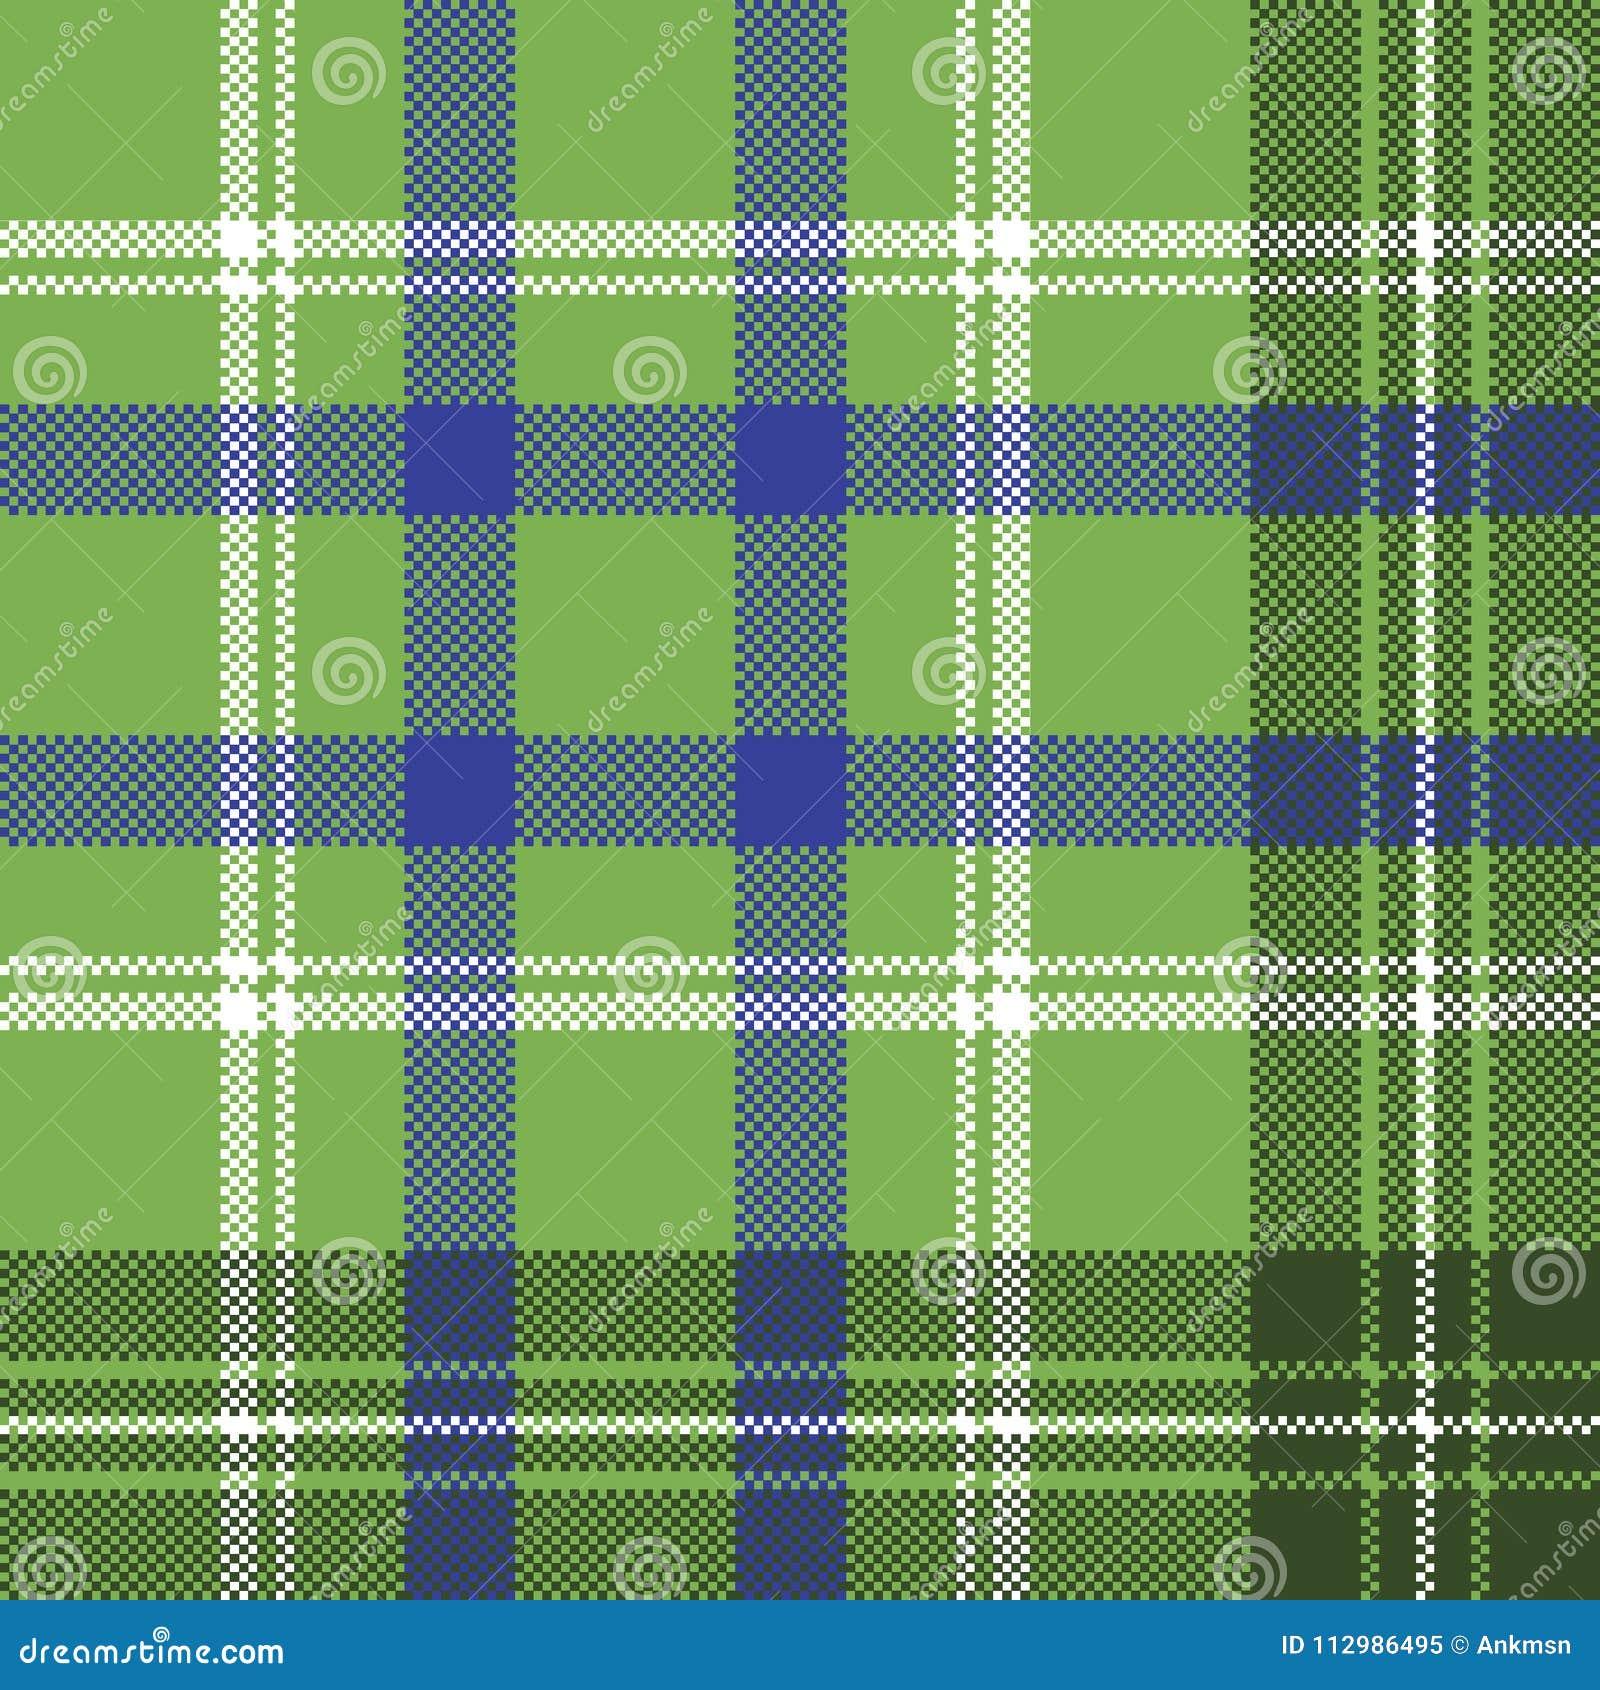 Green tartan check plaid seamless pixel pattern